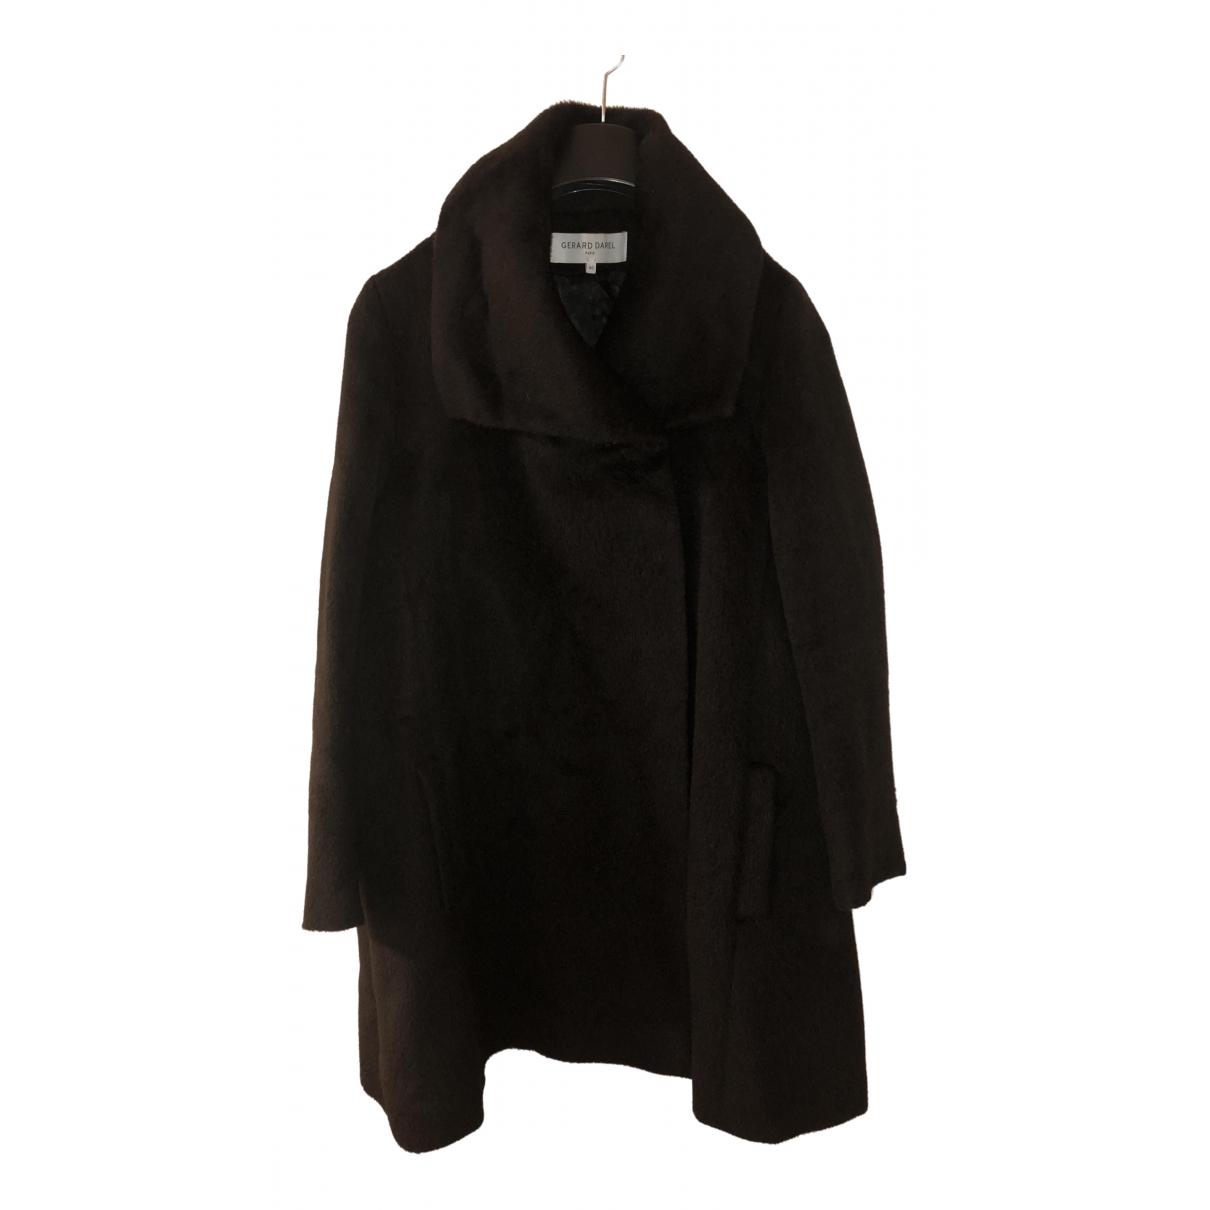 Gerard Darel - Manteau   pour femme en laine - marron